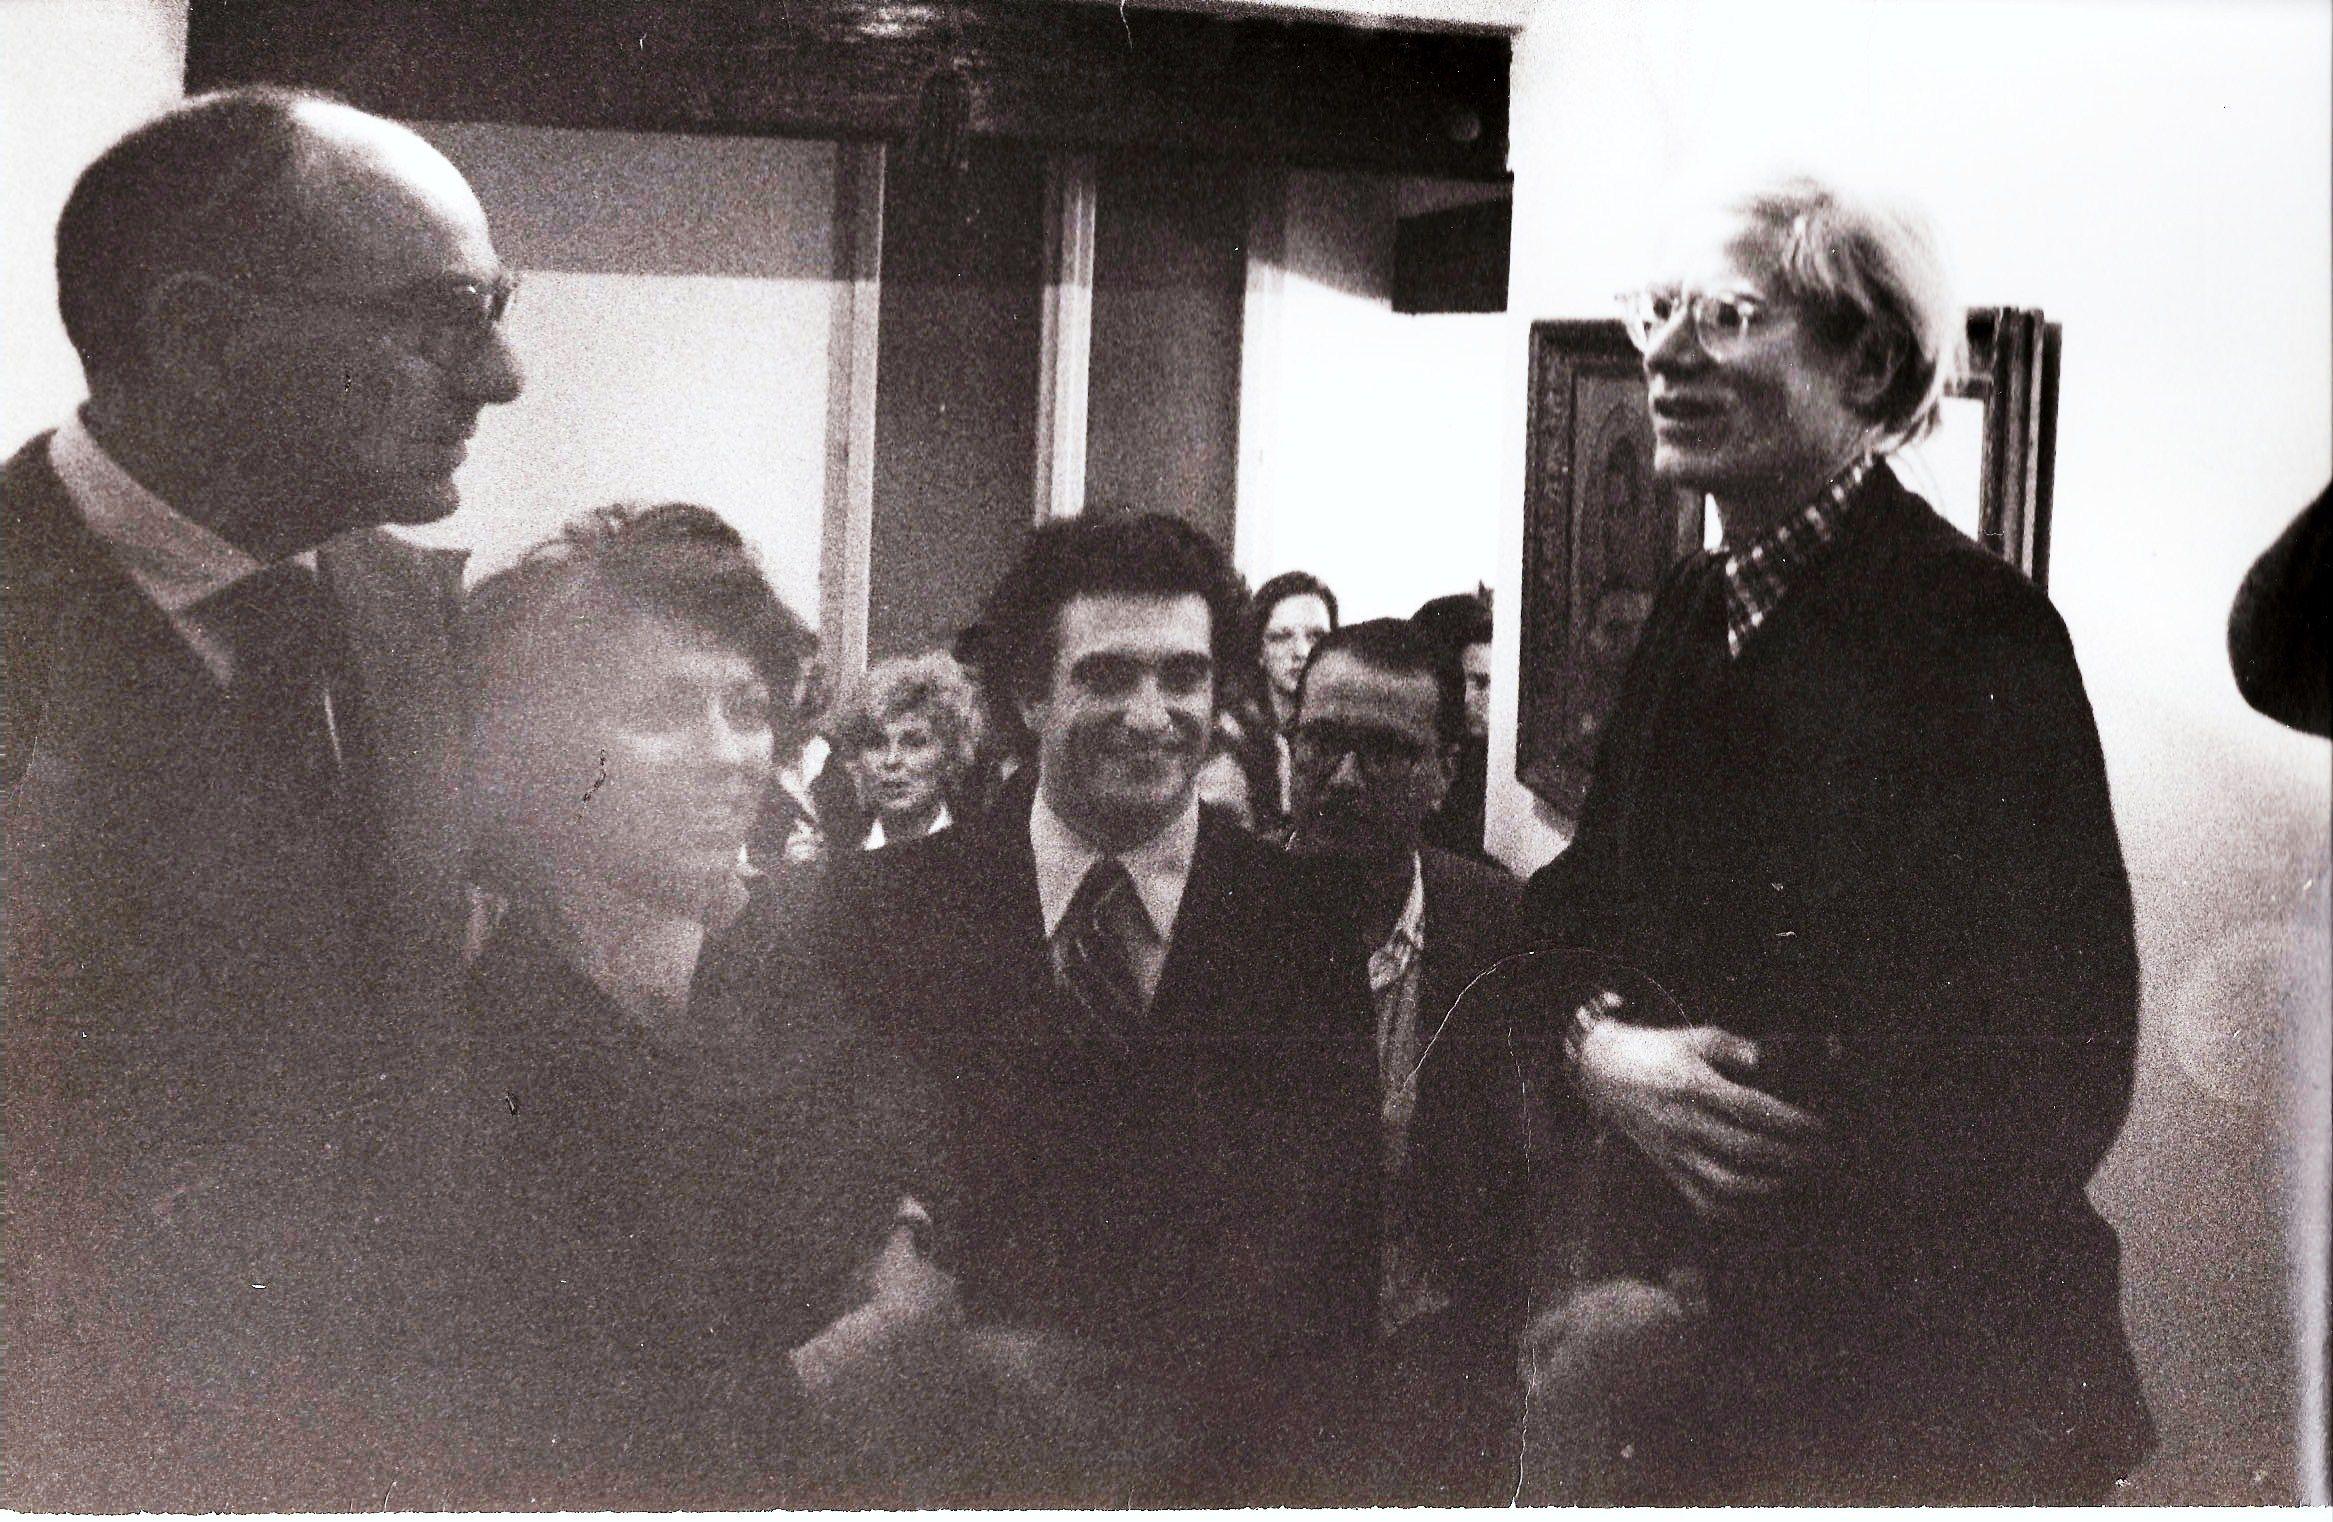 Franco Farina, Totto Carrà, Raffaele Torelli con Andy Warhol. Ferrara, 1974. Party in casa.